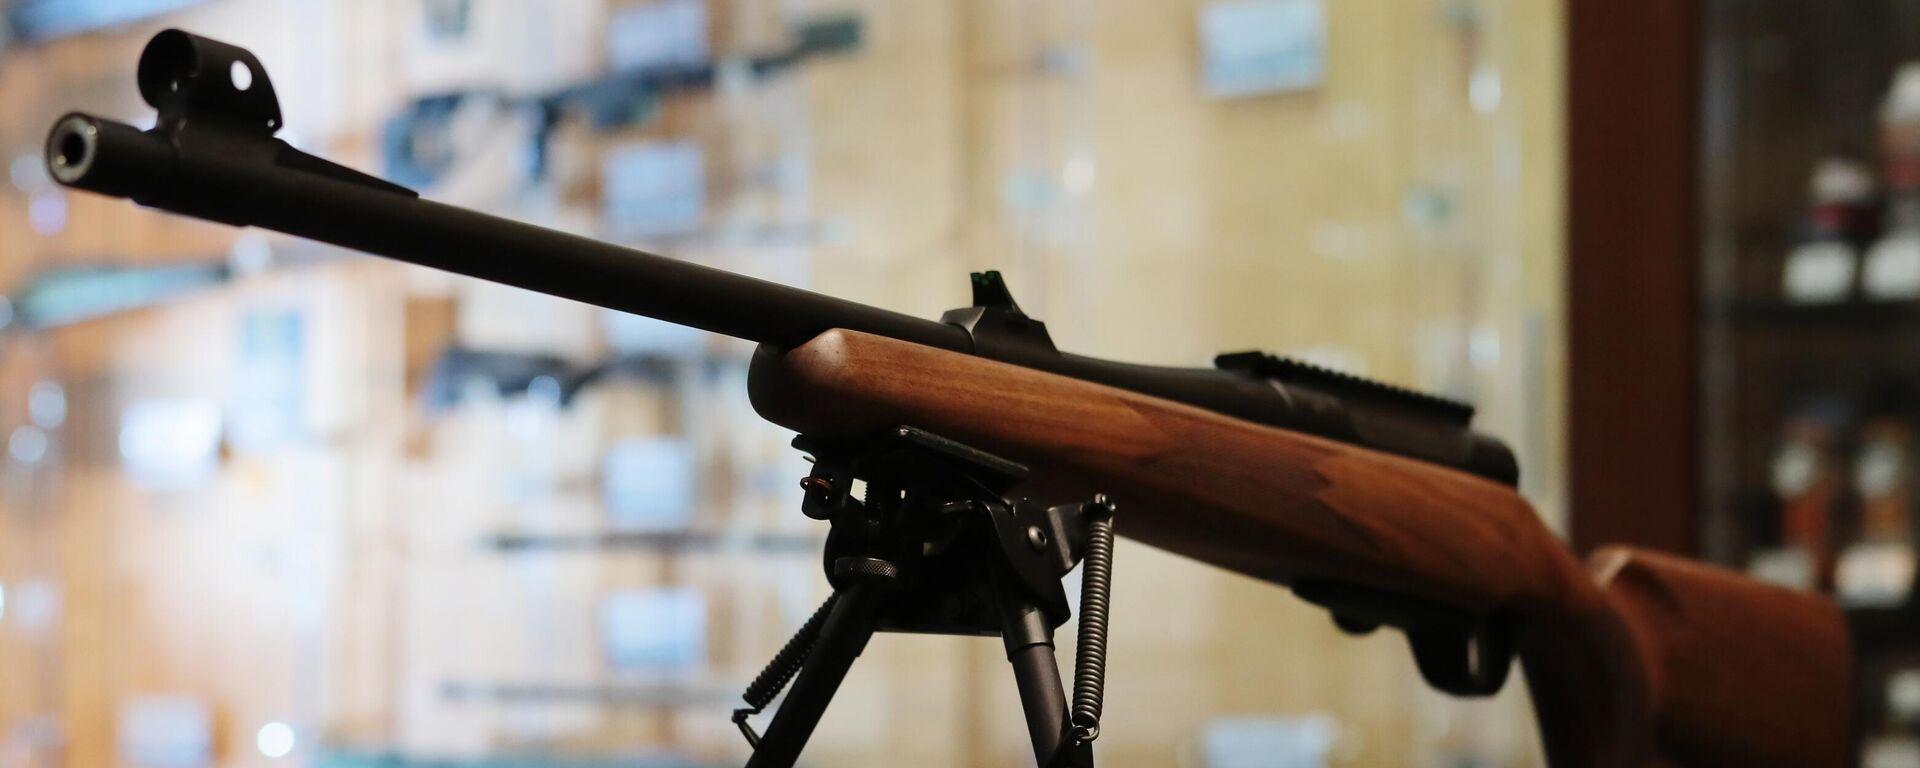 Ружье в оружейном магазине - Sputnik Узбекистан, 1920, 29.05.2021